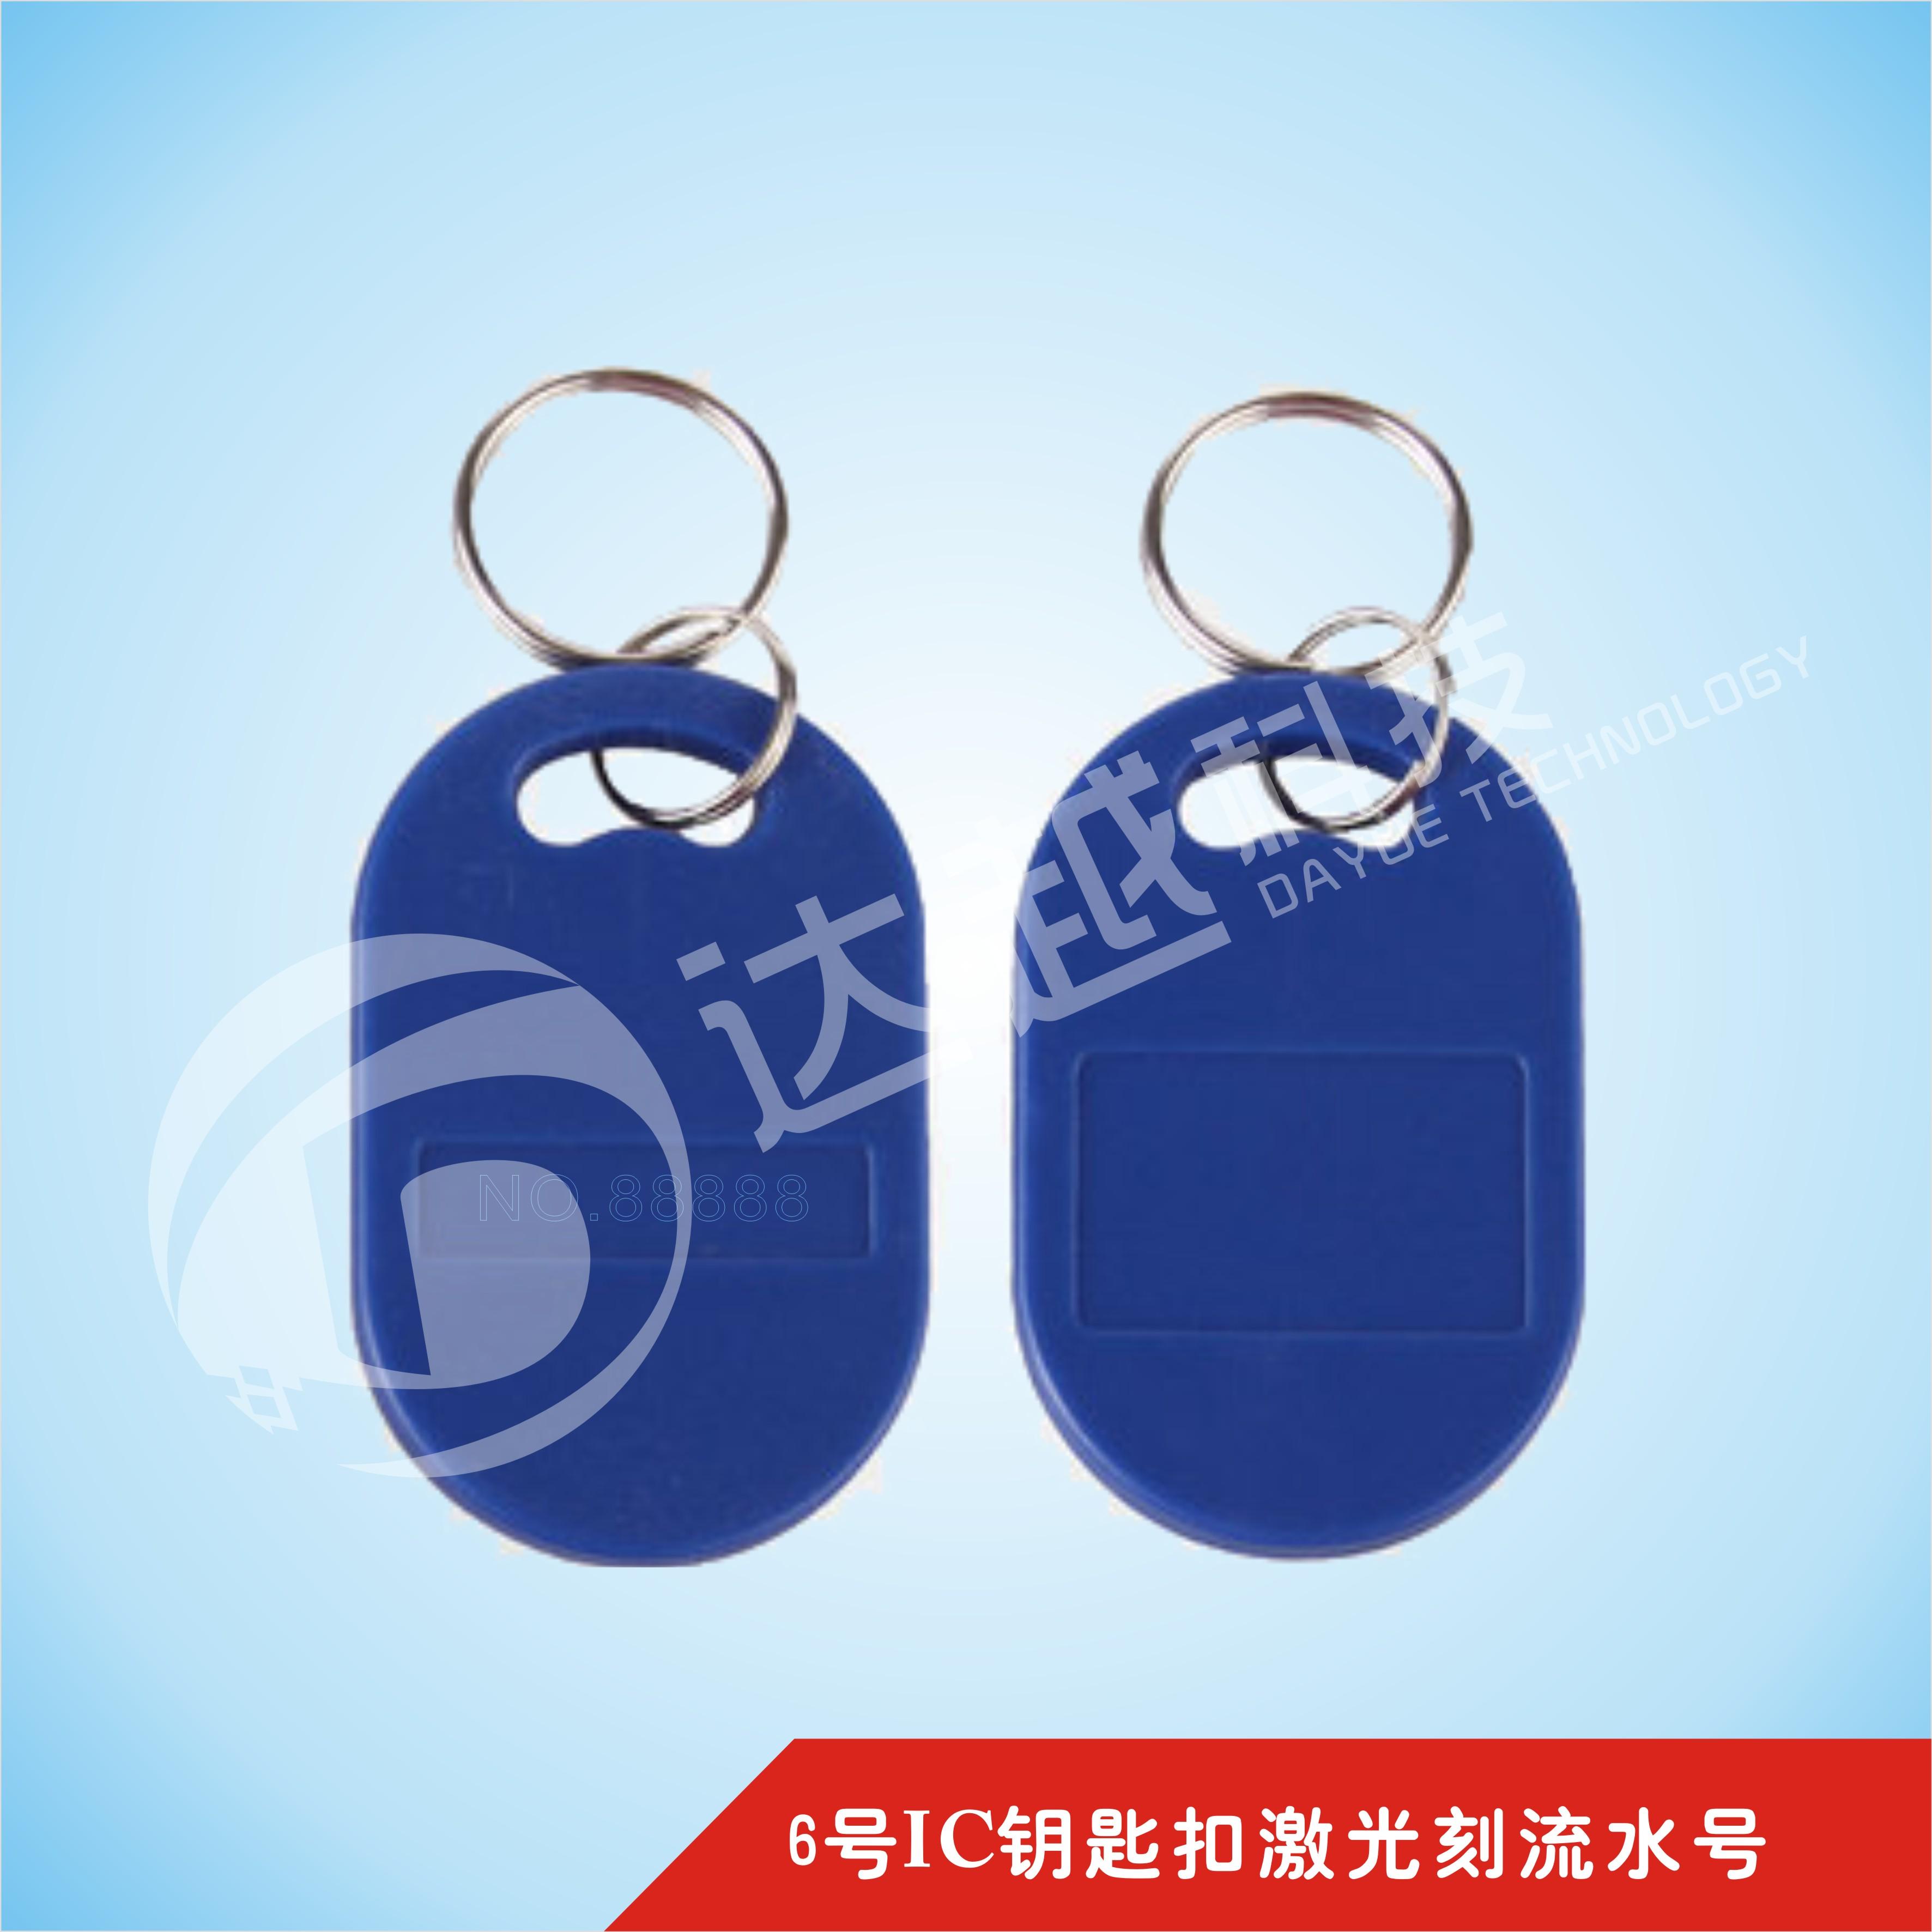 6號IC鑰匙扣激光流水碼.jpg